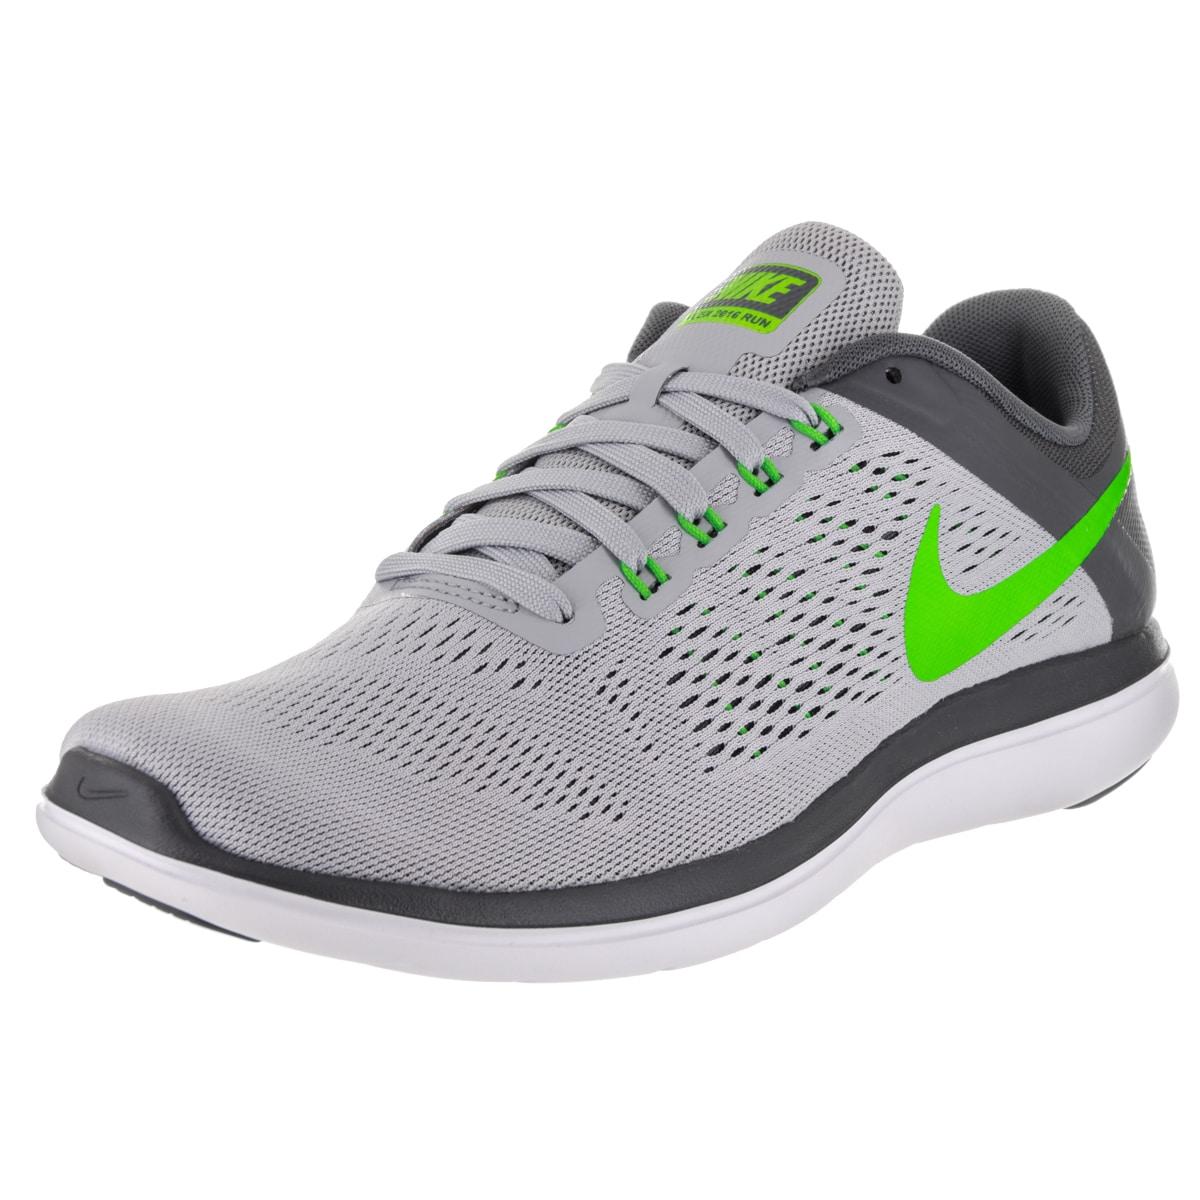 Nike Men's Flex Run 2016